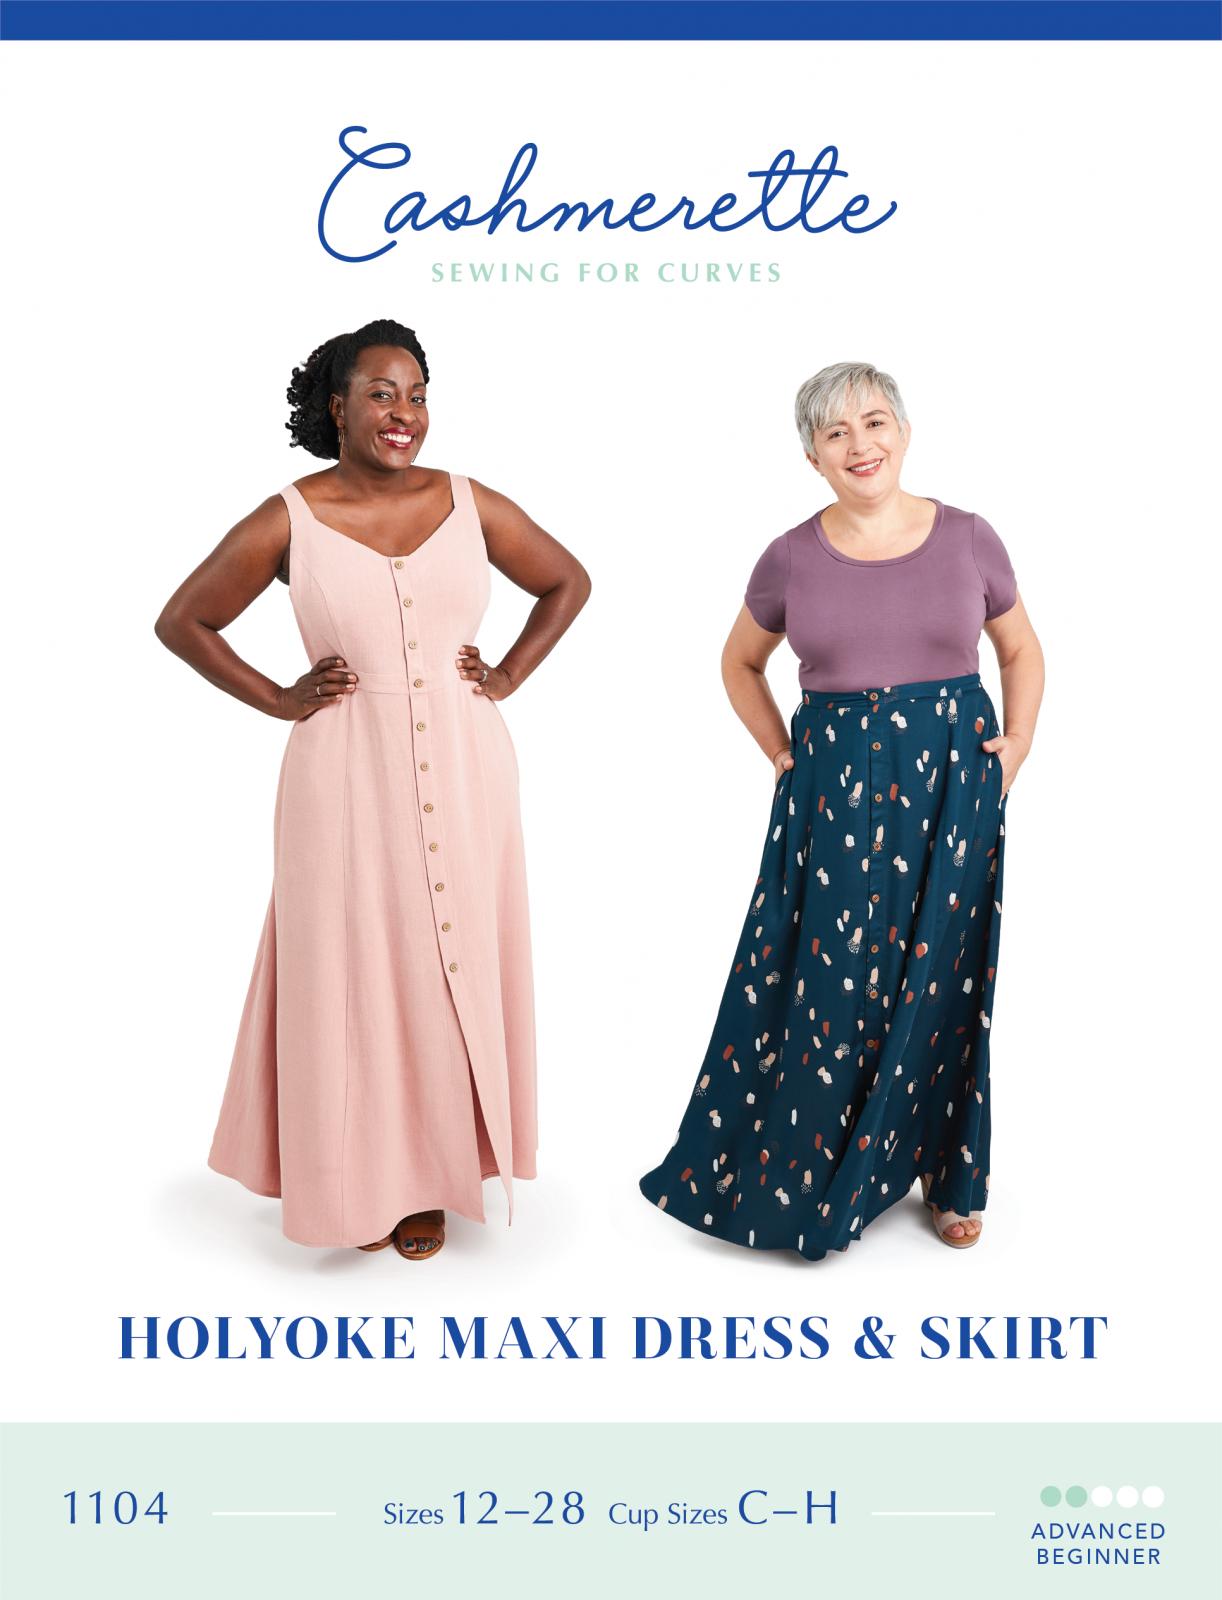 Cashmerette Holyoke Maxi Dress & Skirt Pattern